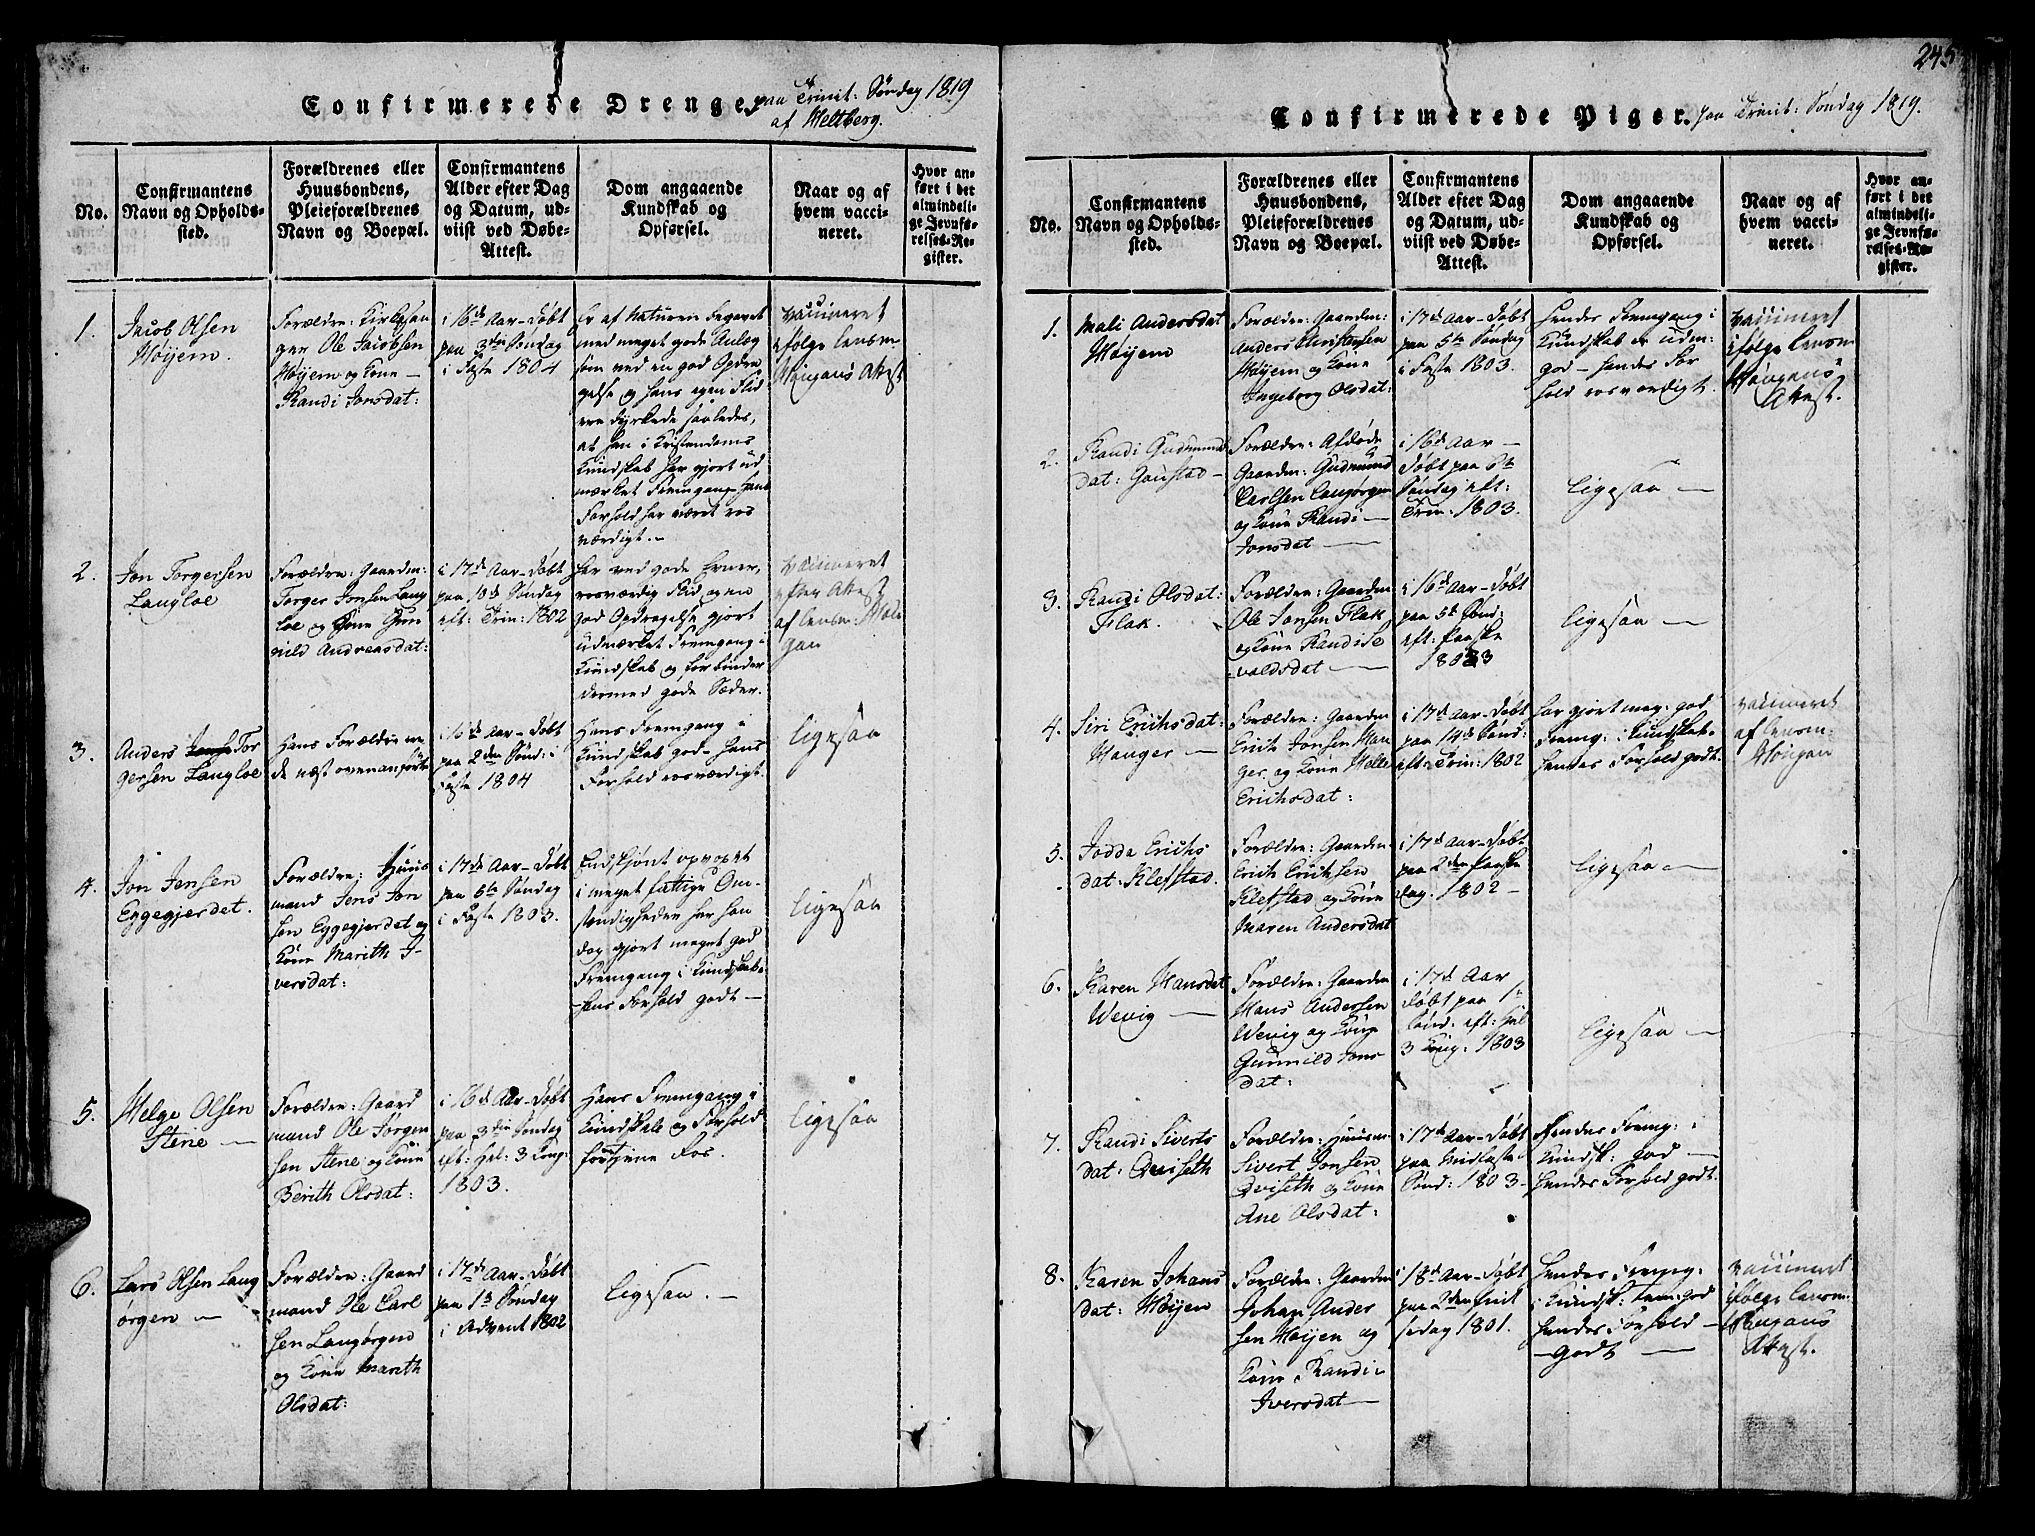 SAT, Ministerialprotokoller, klokkerbøker og fødselsregistre - Sør-Trøndelag, 612/L0372: Ministerialbok nr. 612A06 /1, 1816-1828, s. 245